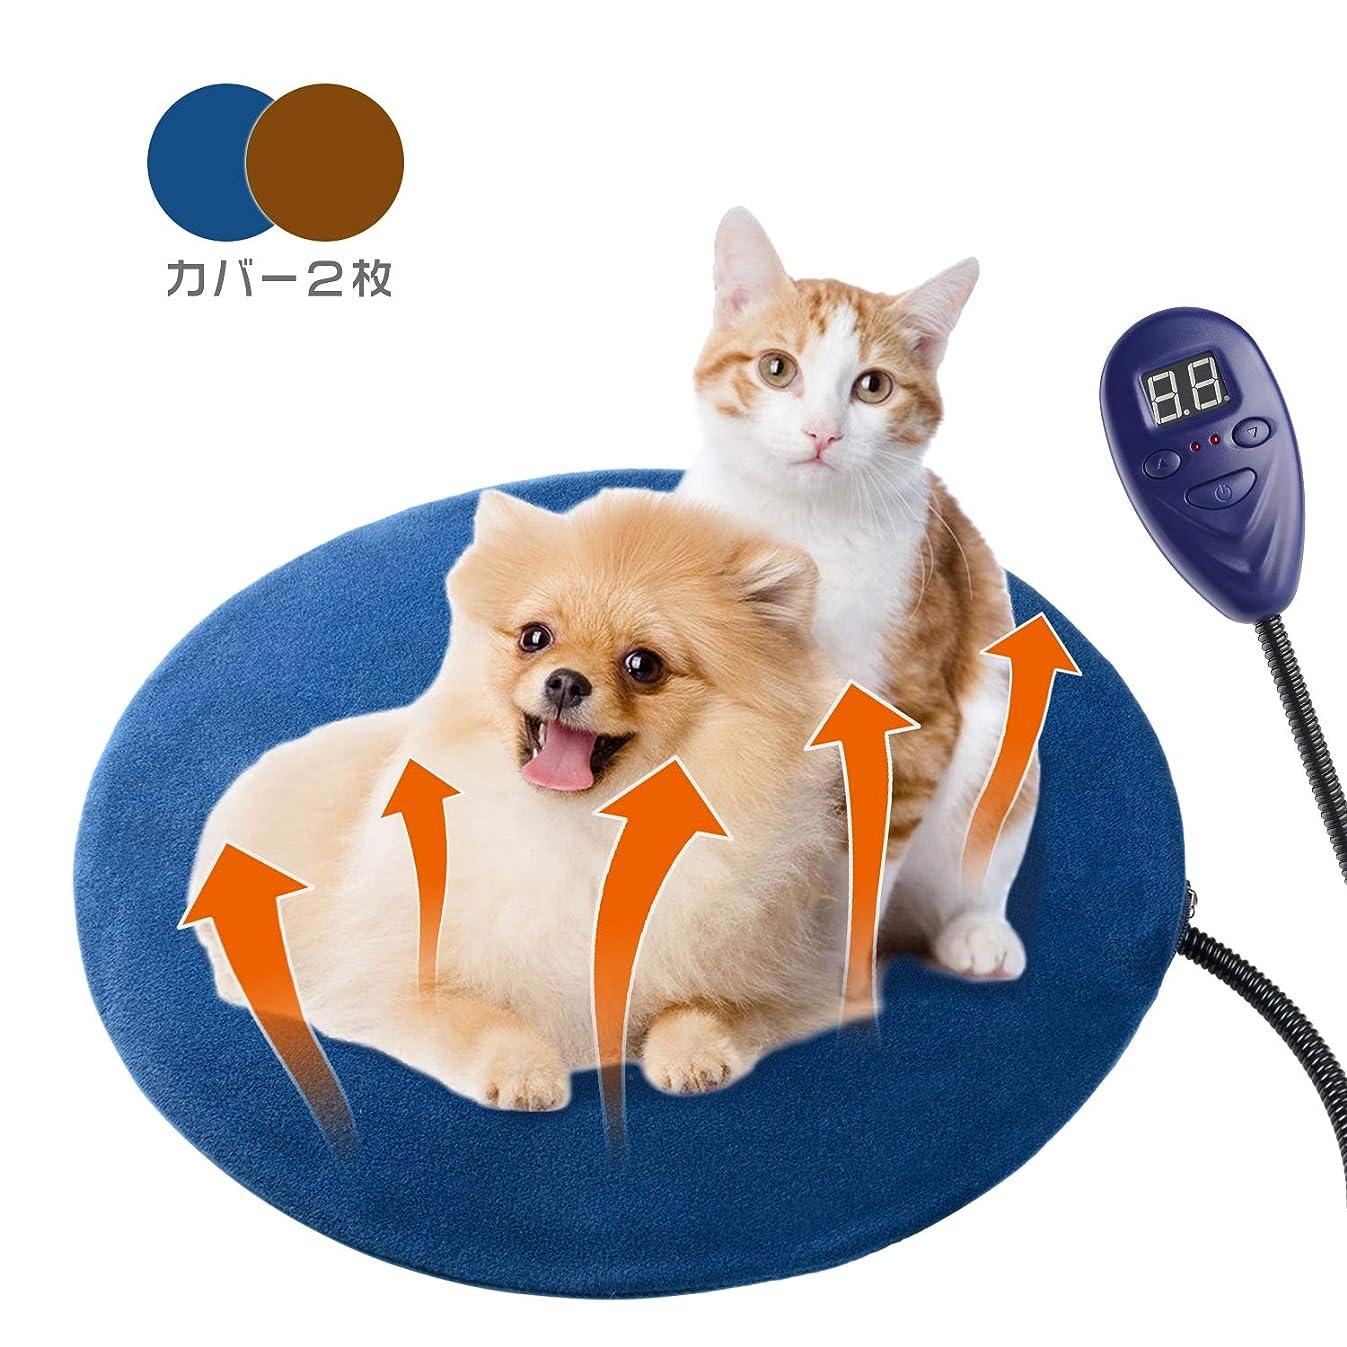 その後仕方メディックTWONEペット用ホットカーペット ペット用ヒーター 電気ヒーター 犬 猫 暖房器具 ペット加熱パッド 防寒用具 寒さ対策 小動物対応 過熱保護 7段階温度調節 ポカポカ 40*30cm 1年間保証付き (最新型)